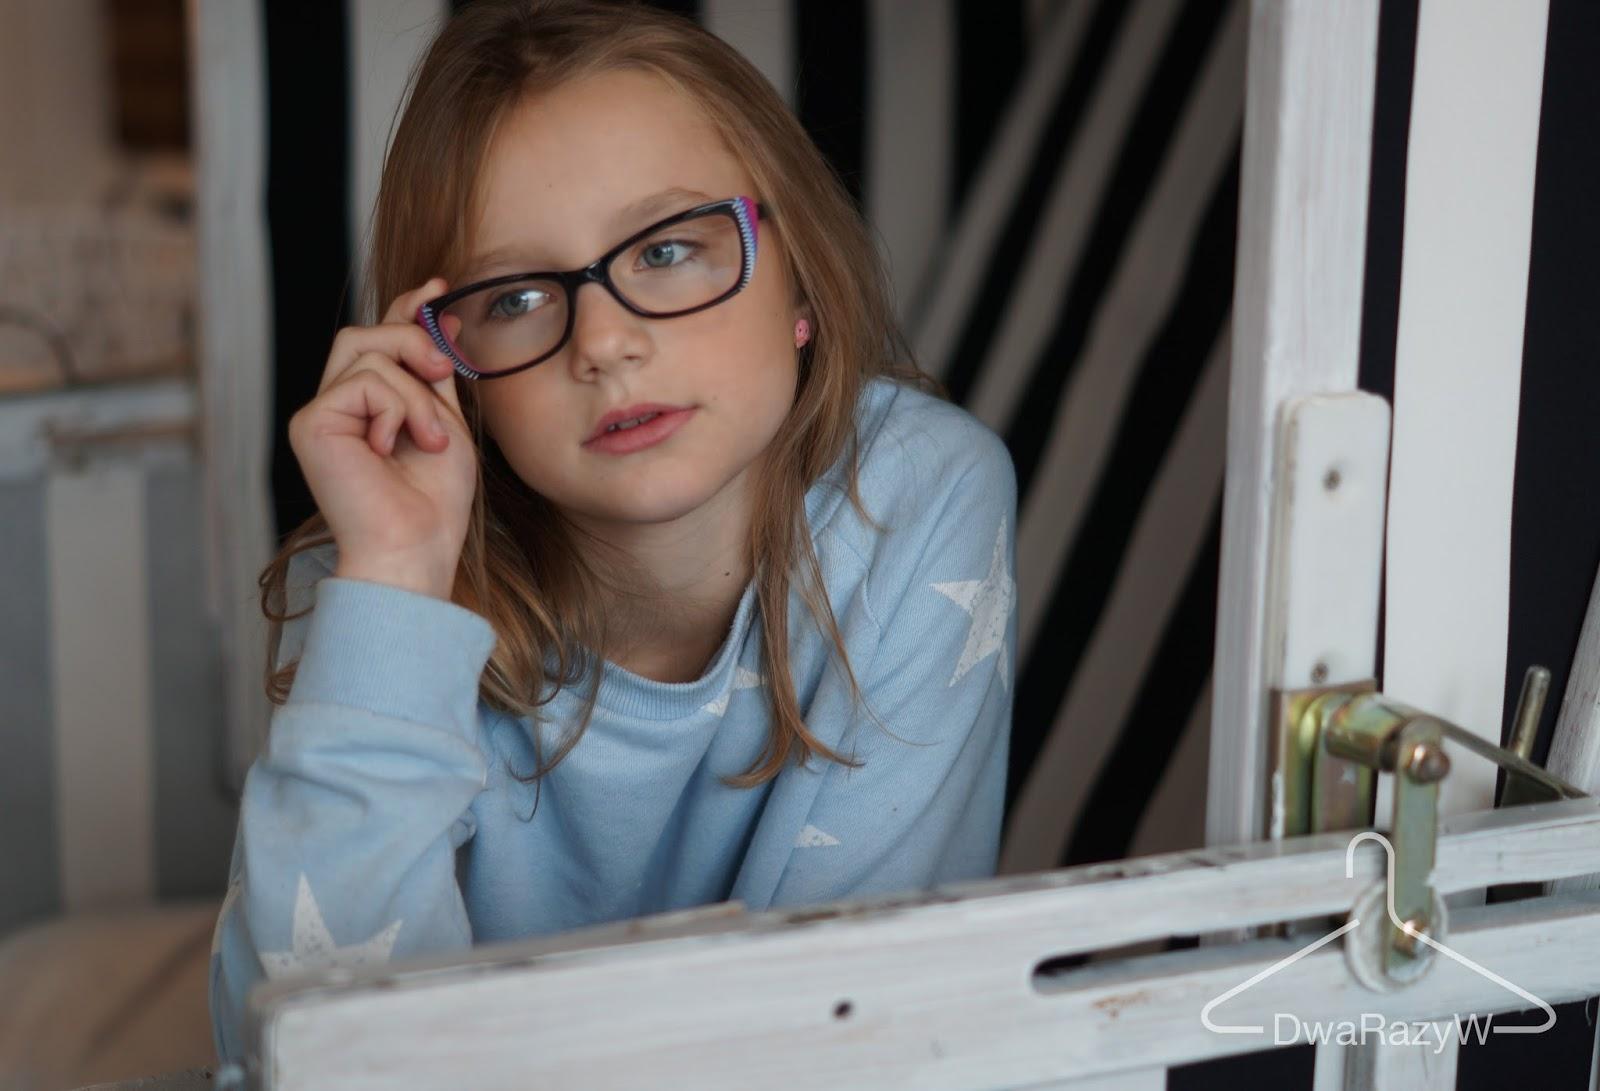 optyk trendy njoy blog o modzie DwaRazyW okulary dla dzieci i młodzieży okularnica